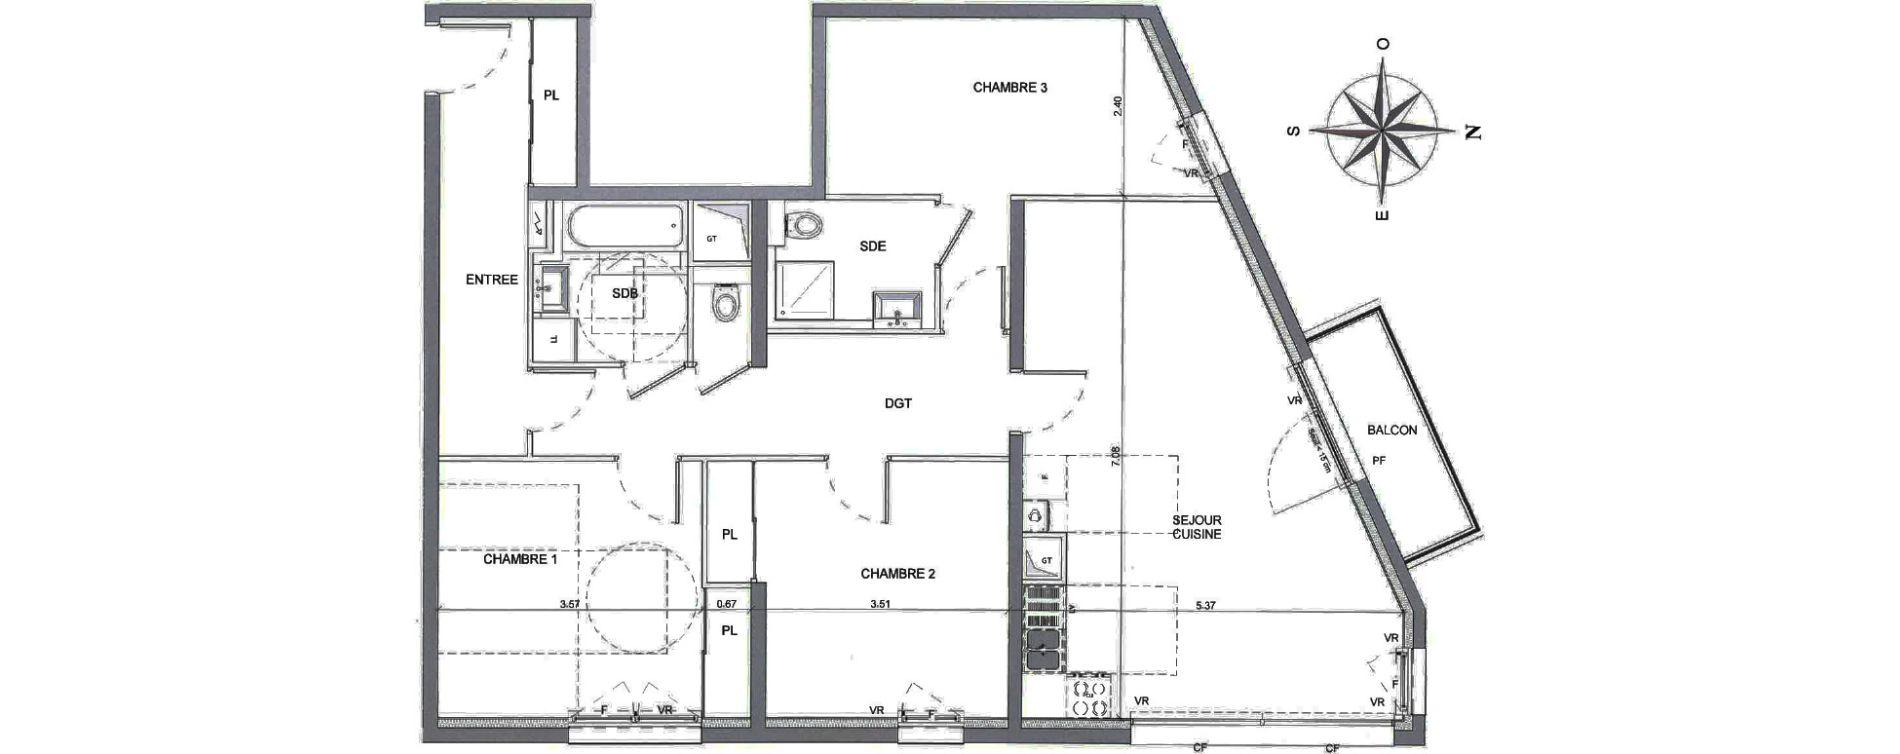 Appartement T4 de 96,01 m2 à Annecy Parc des sports - fier